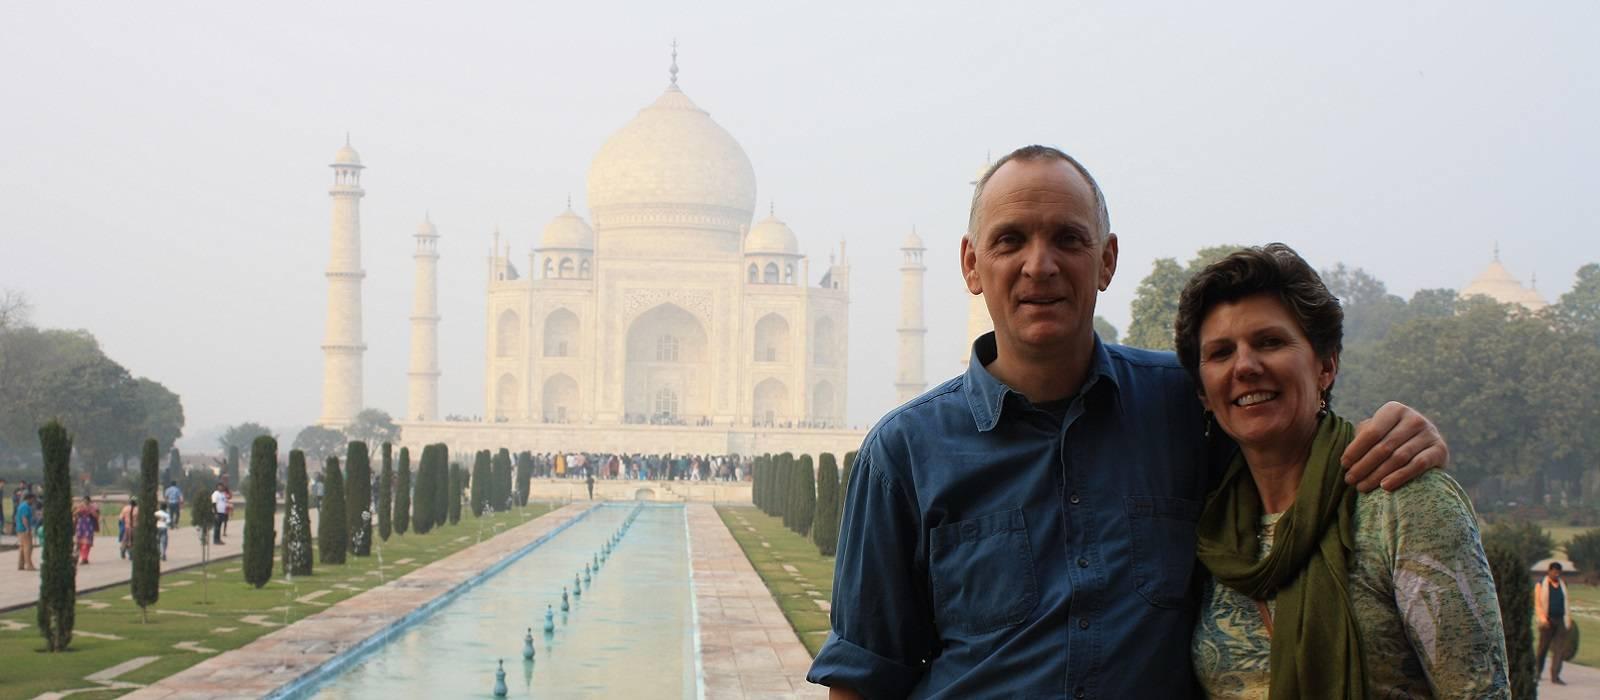 Guest Visit to Taj Mahal, Agra